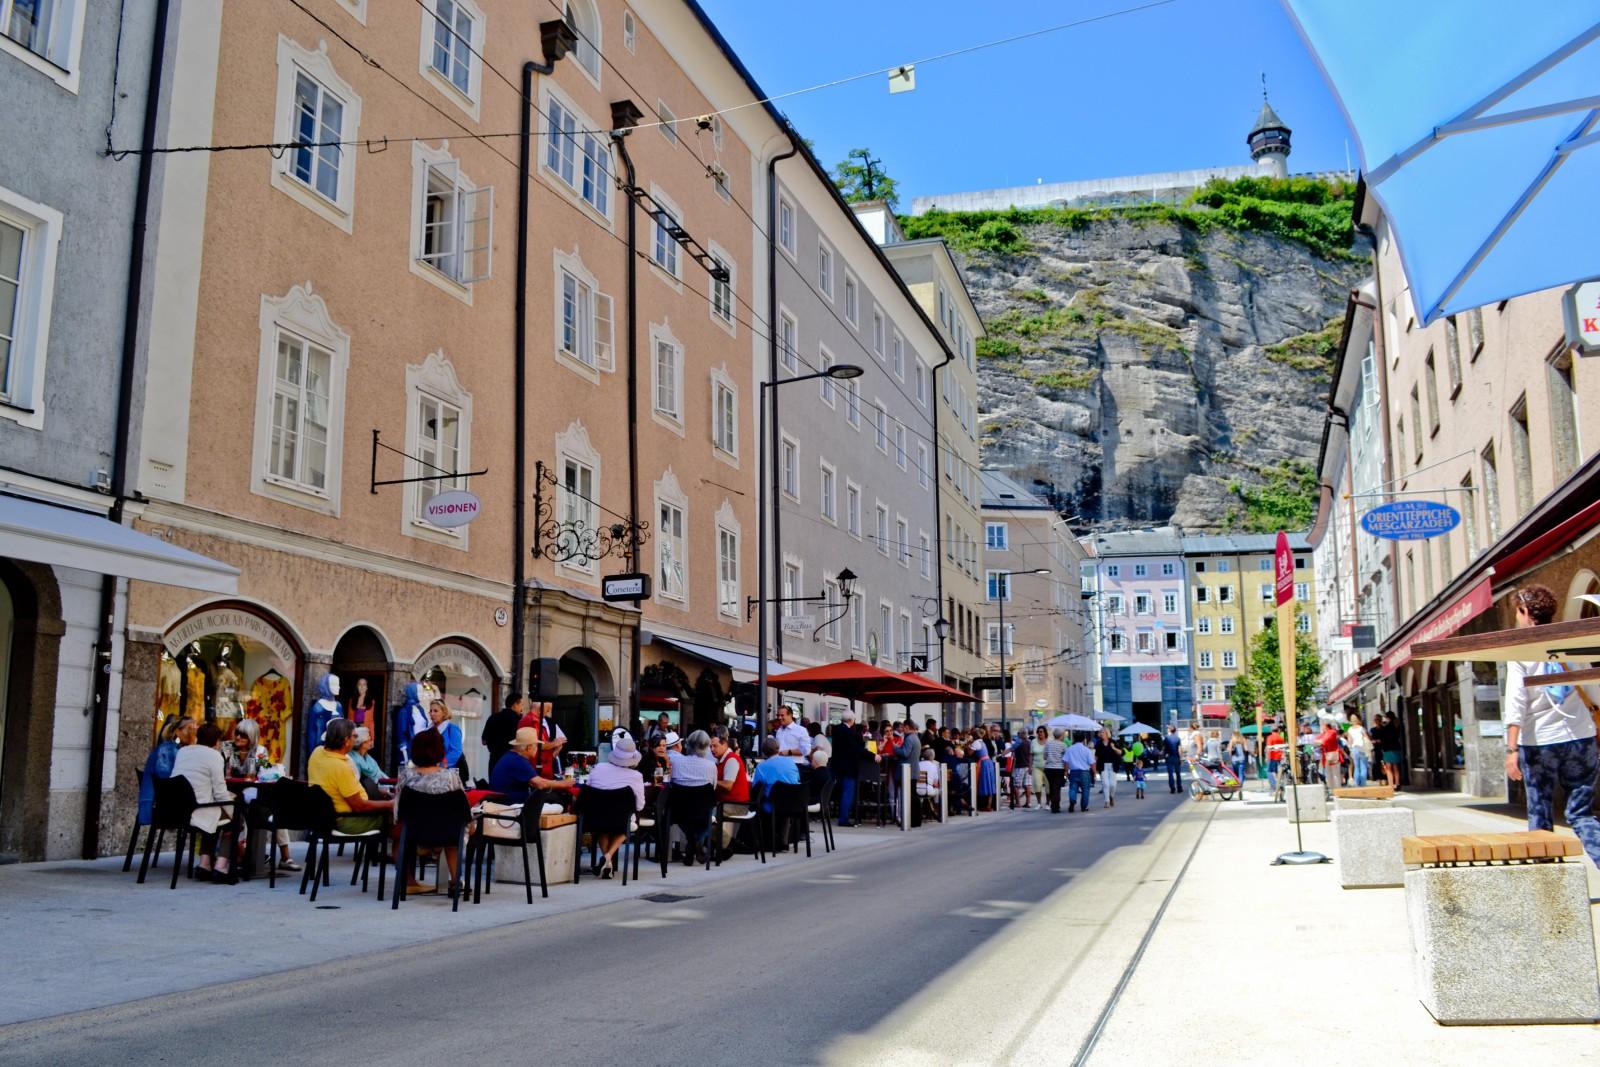 Griesgasseneröffnung, Flaniermeile, Altstadt, Salzburg,  (c) wildbild